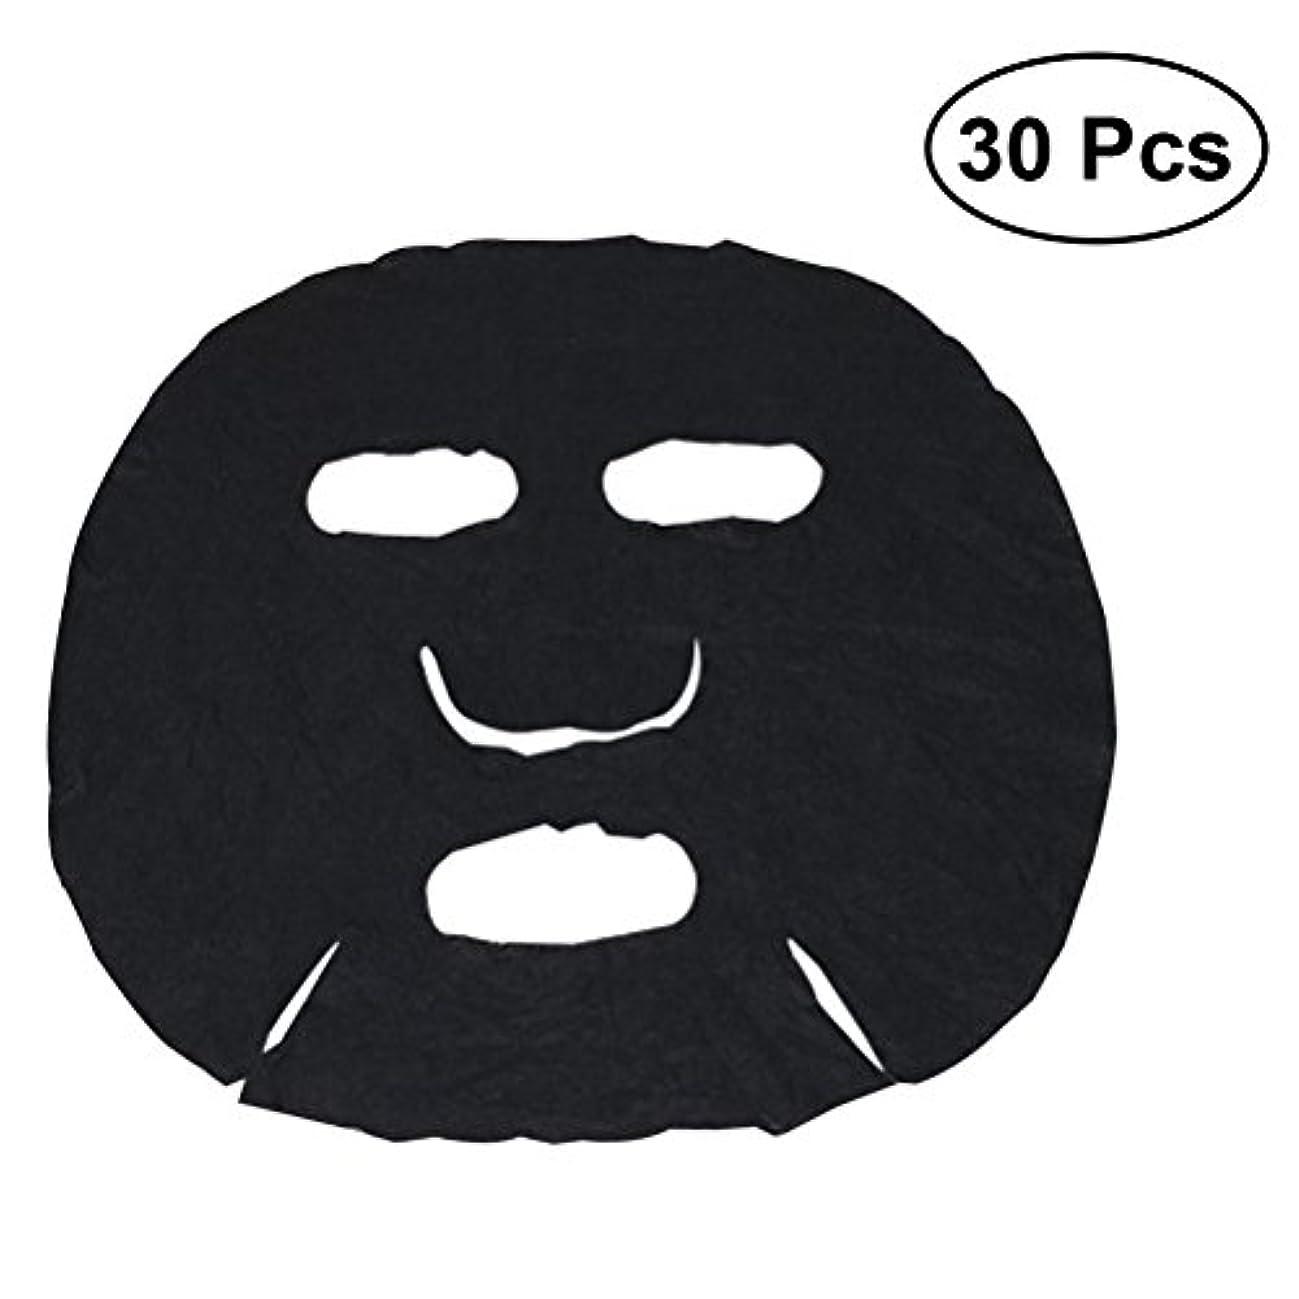 殺す教育学ビジターFrcolor 圧縮マスク 圧縮フェイスパック 竹炭 圧縮マスクシート スキンケア DIY 30枚入り 携帯便利 使い捨て